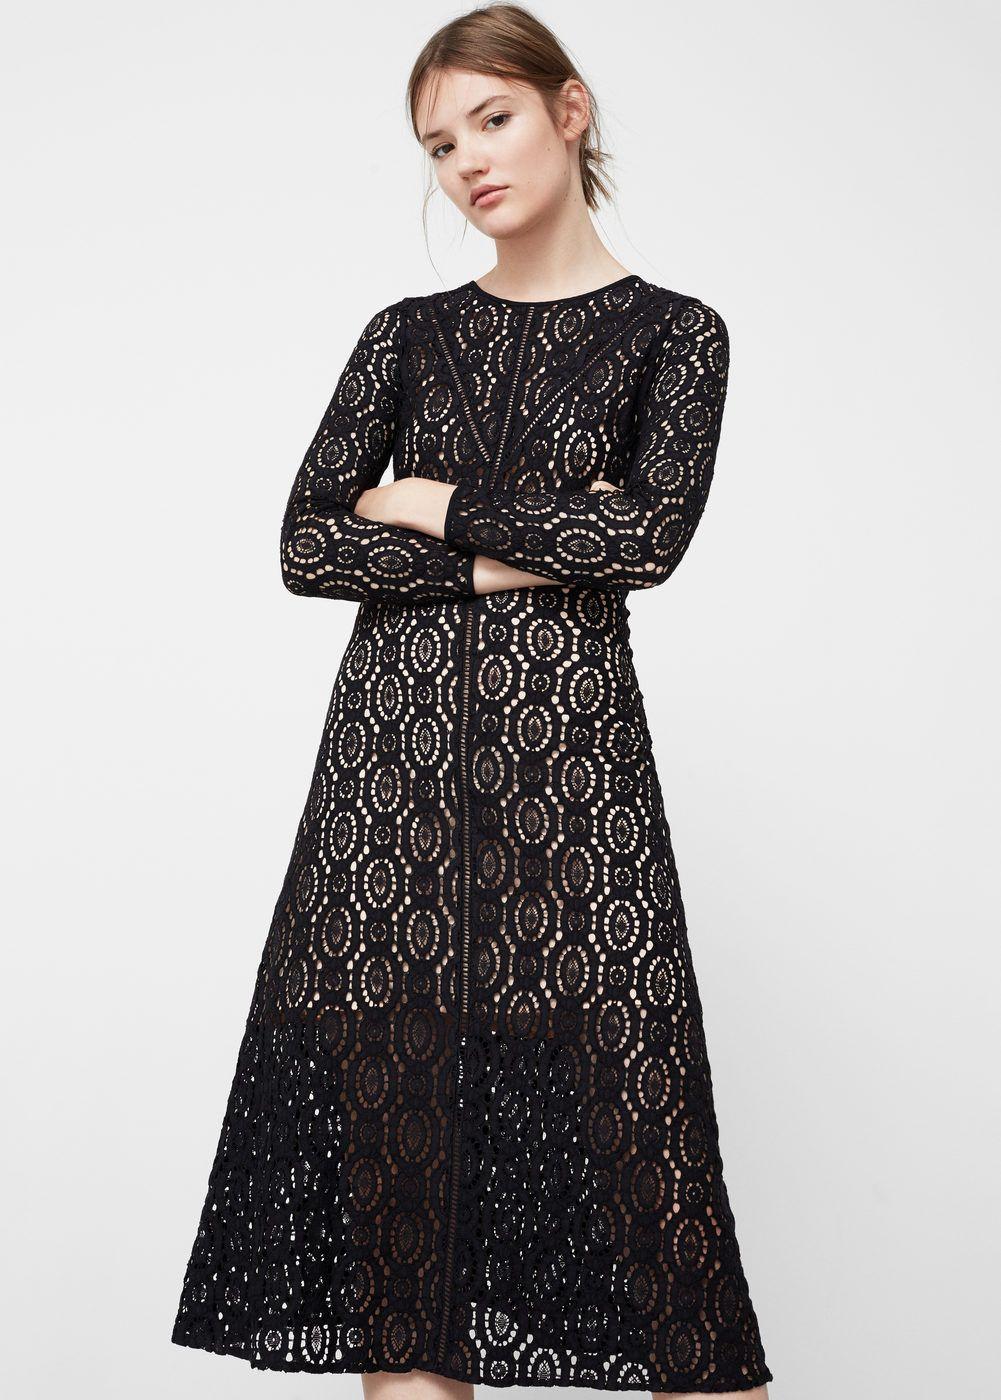 Vestido midi guipur - Vestidos de Mujer  629866271c86